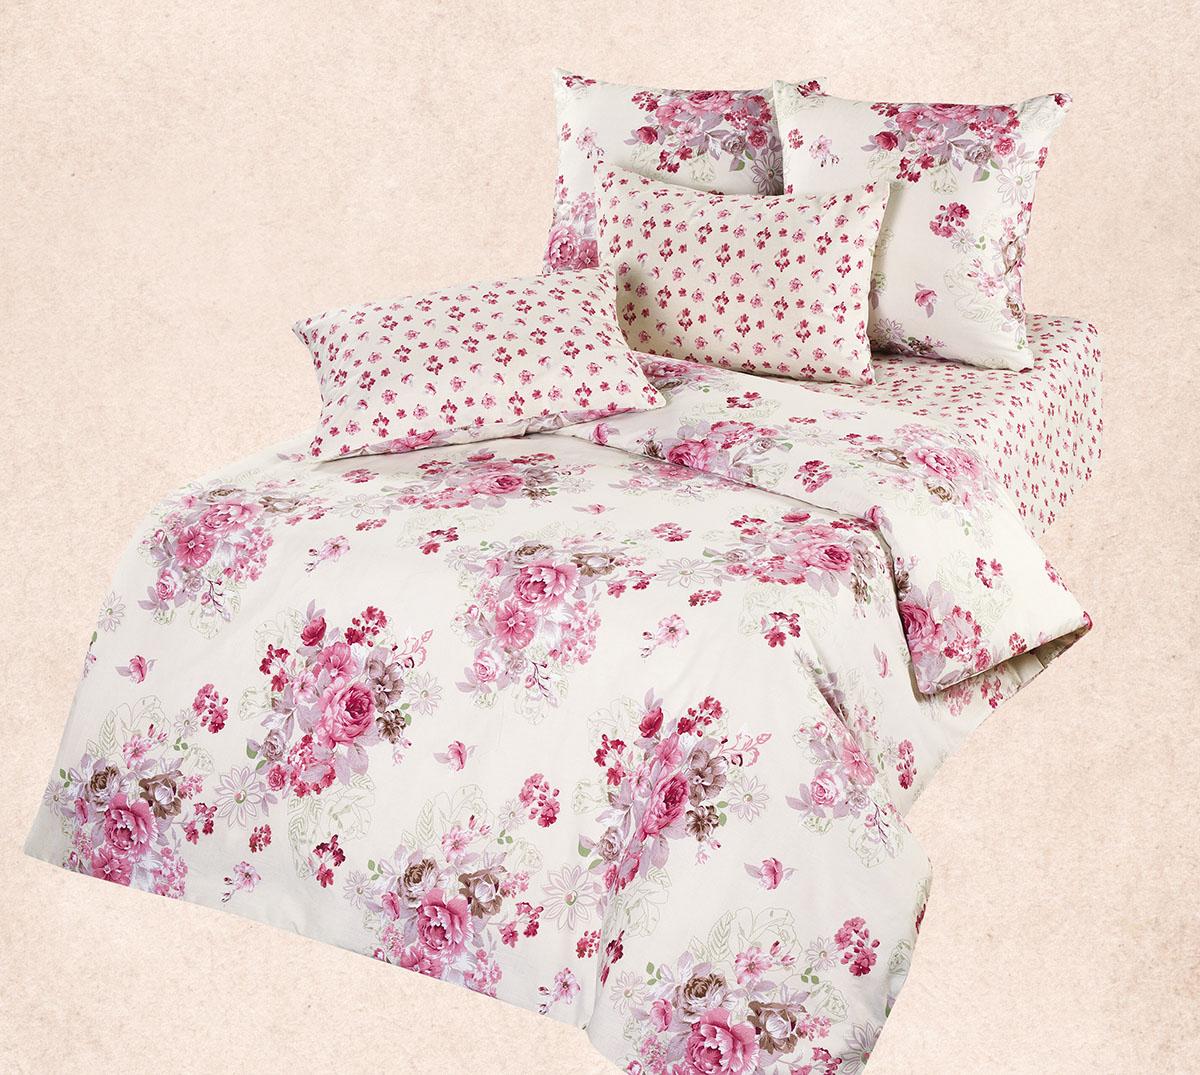 Комплект  Византия , размер 1,5-спальный - Постельное белье артикул: 9083